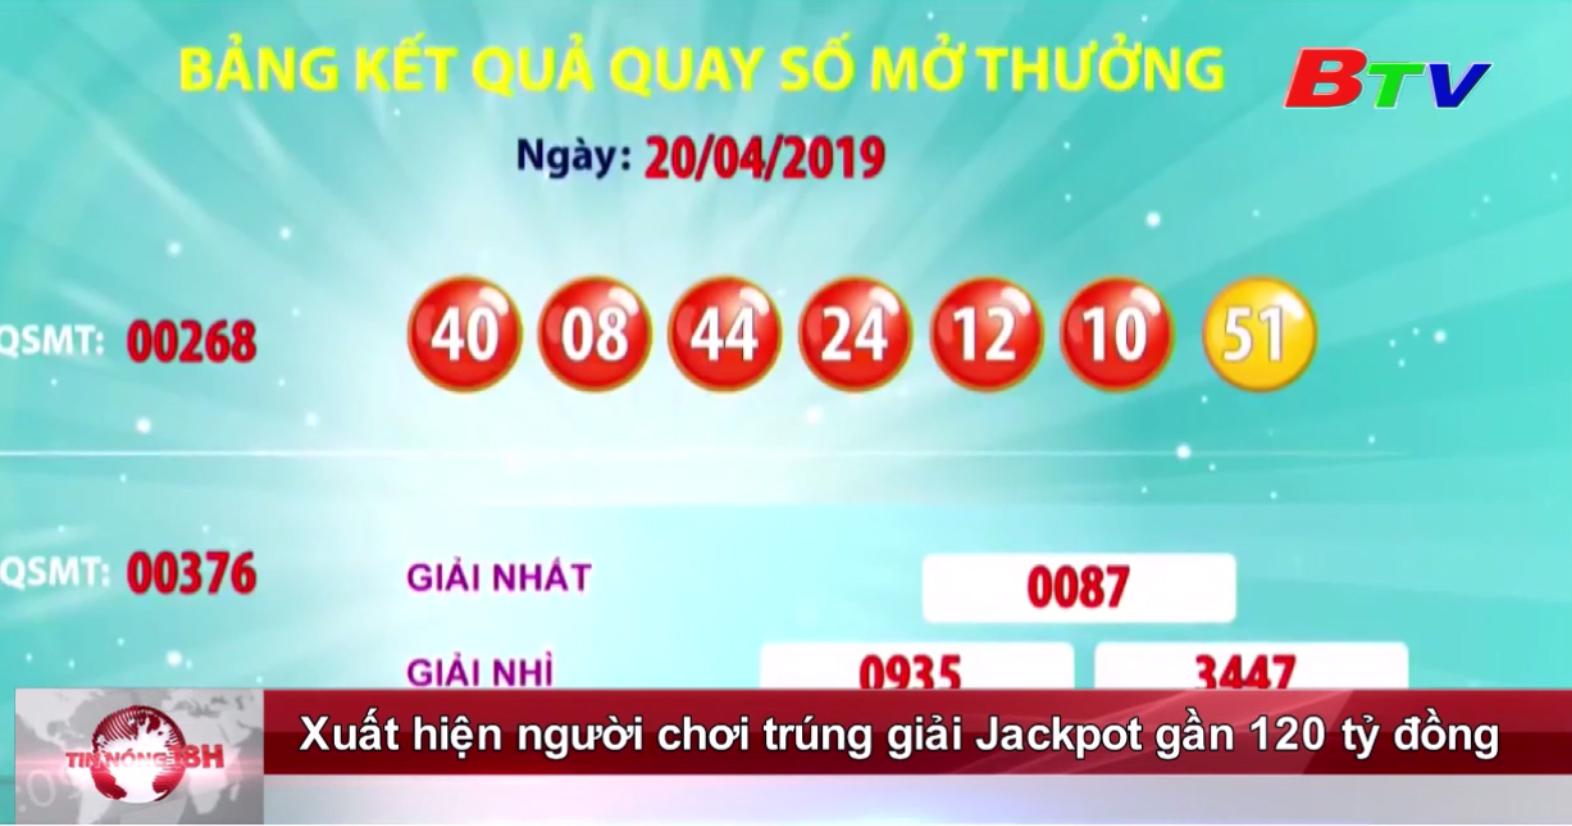 Xuất hiện người chơi trúng giải Jackpot gần 120 tỷ đồng